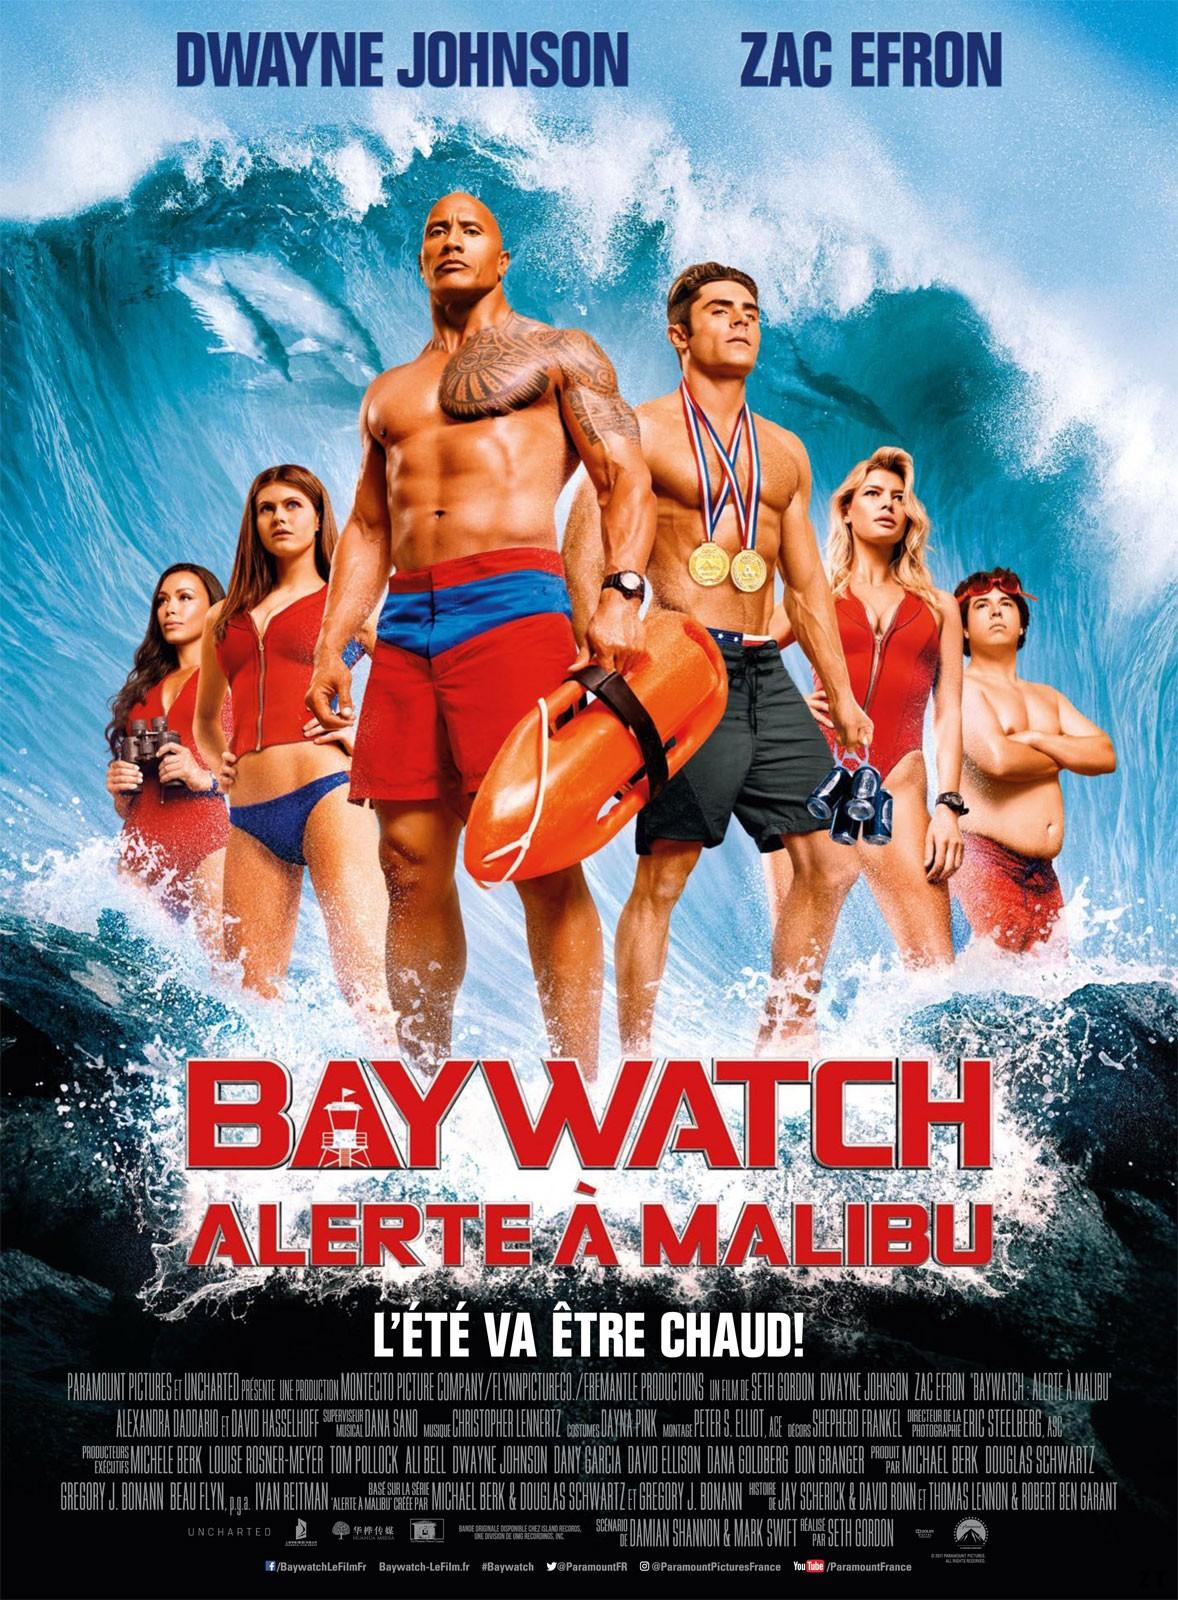 Baywatch - Alerte à Malibu FRENCH DVDRIP x264 2017